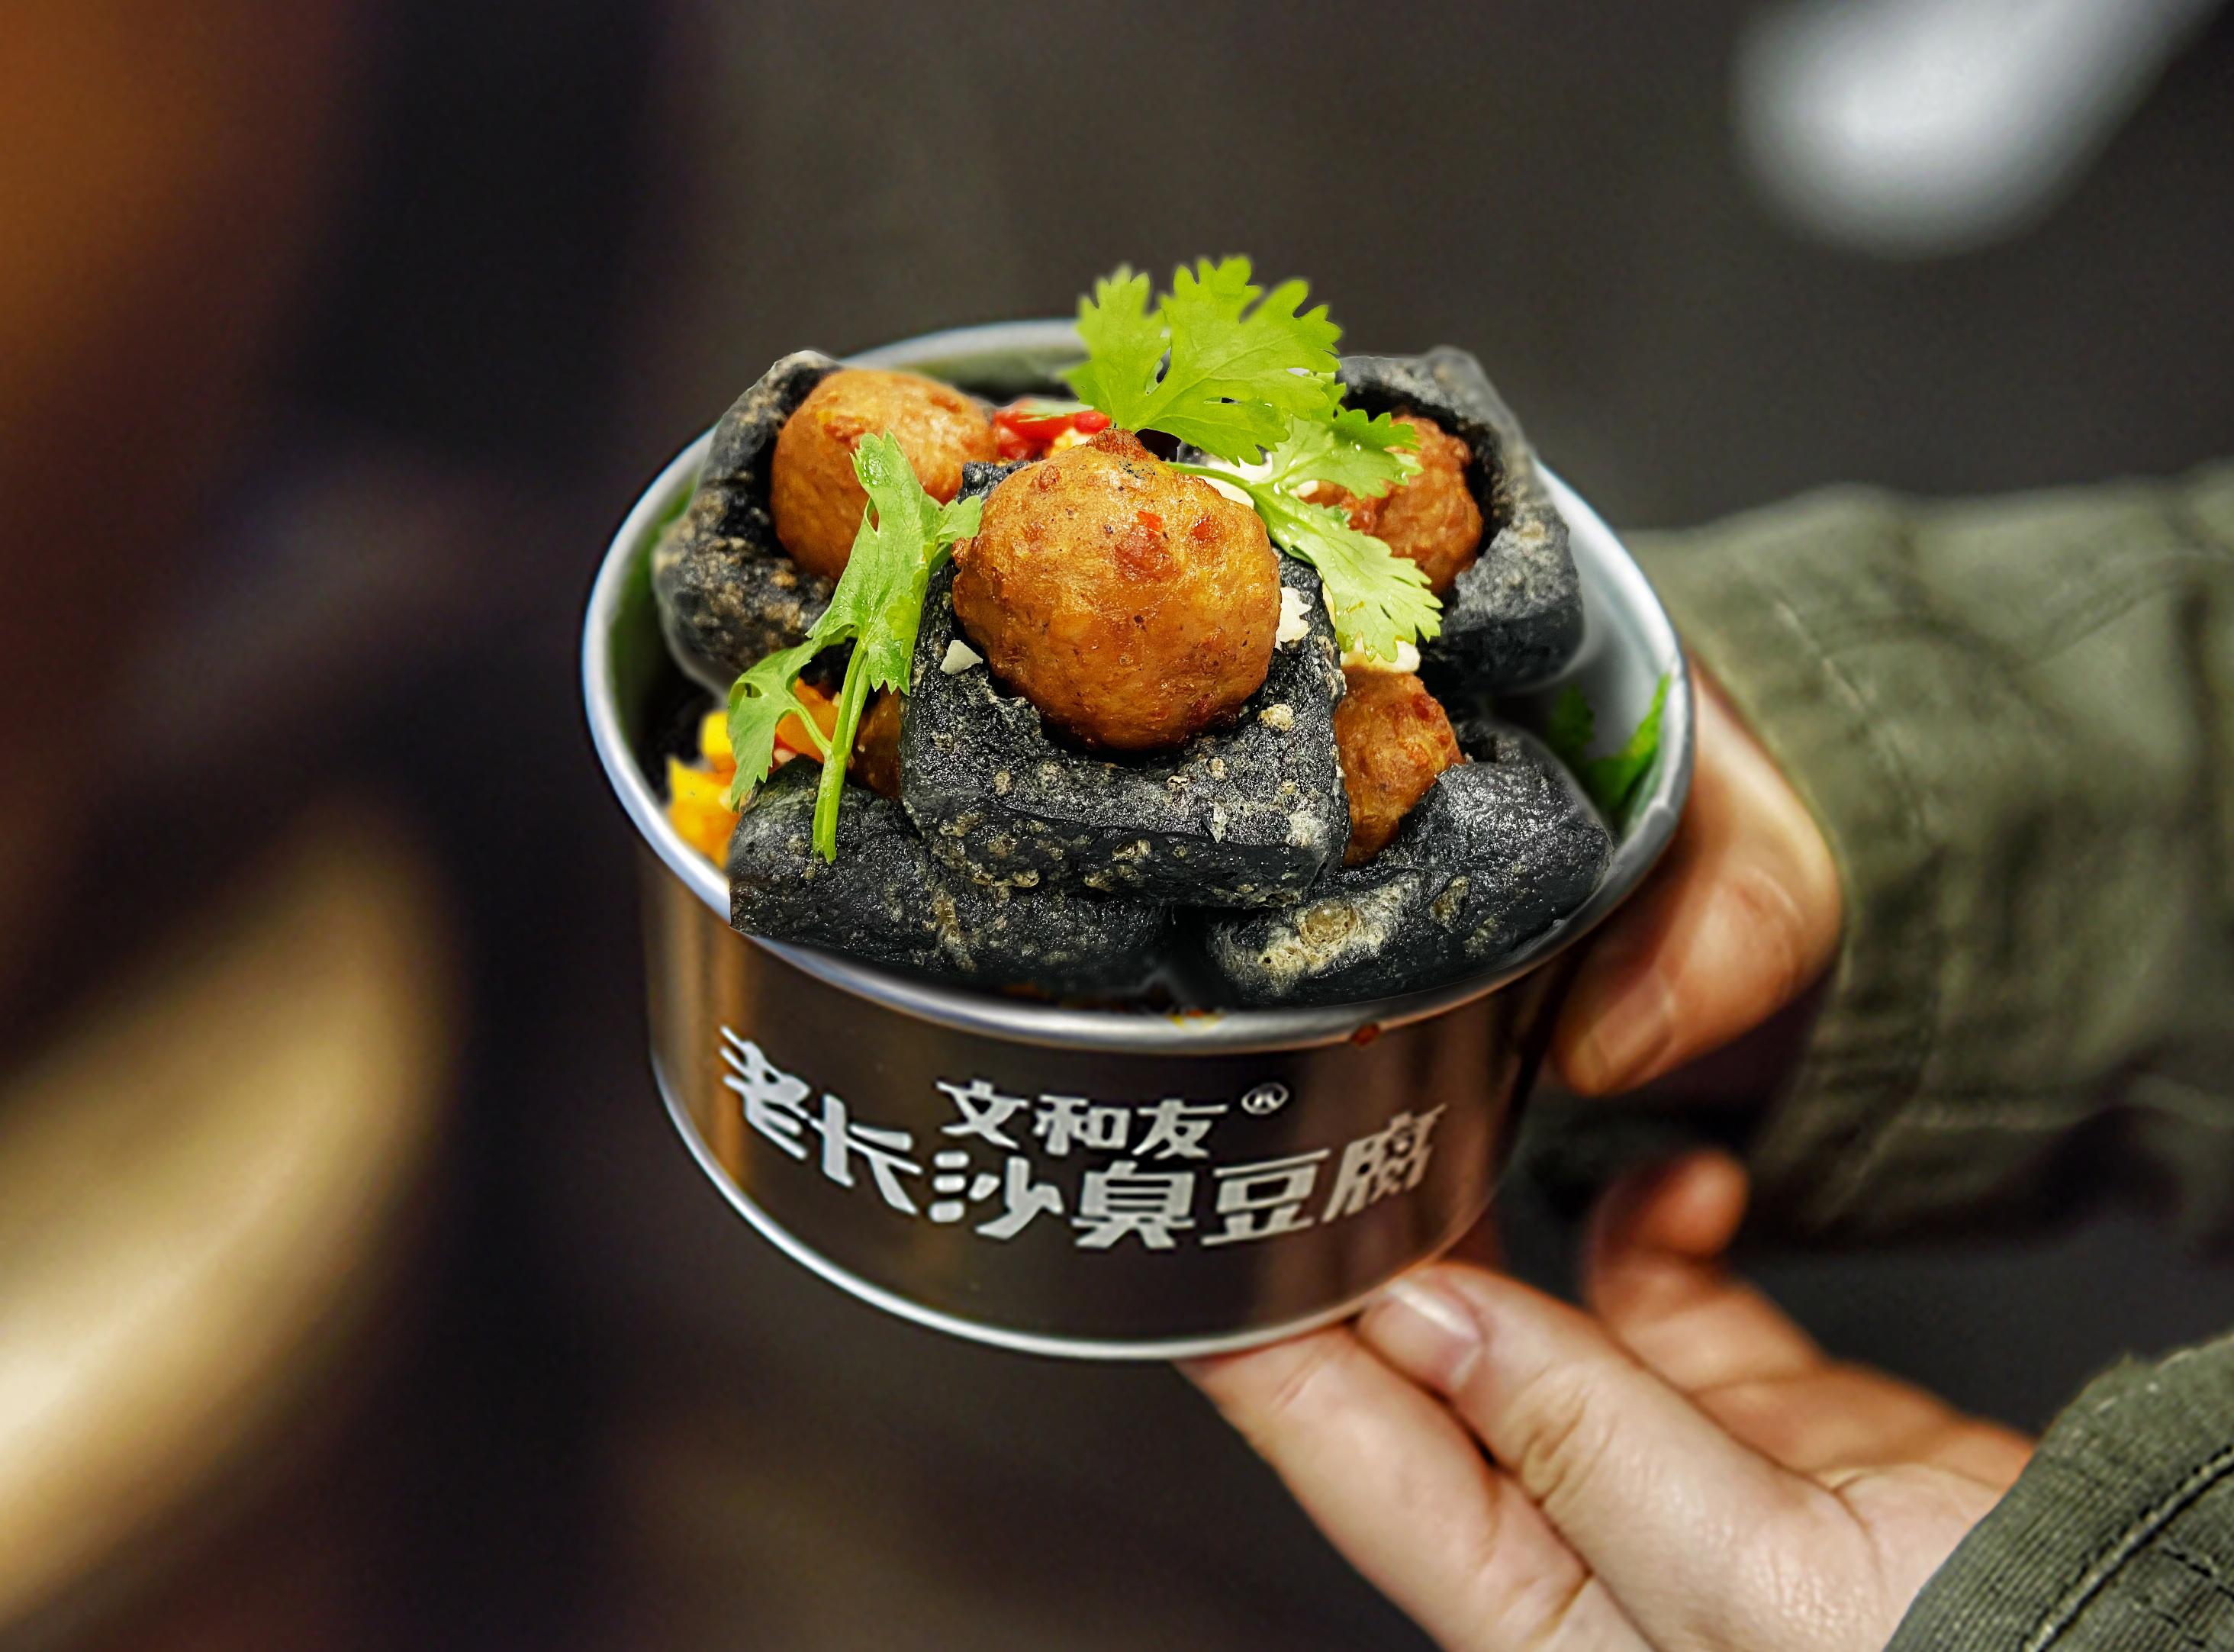 全面渗透餐饮业,「星期零」与「文和友老长沙臭豆腐」合作推出植物肉臭豆腐